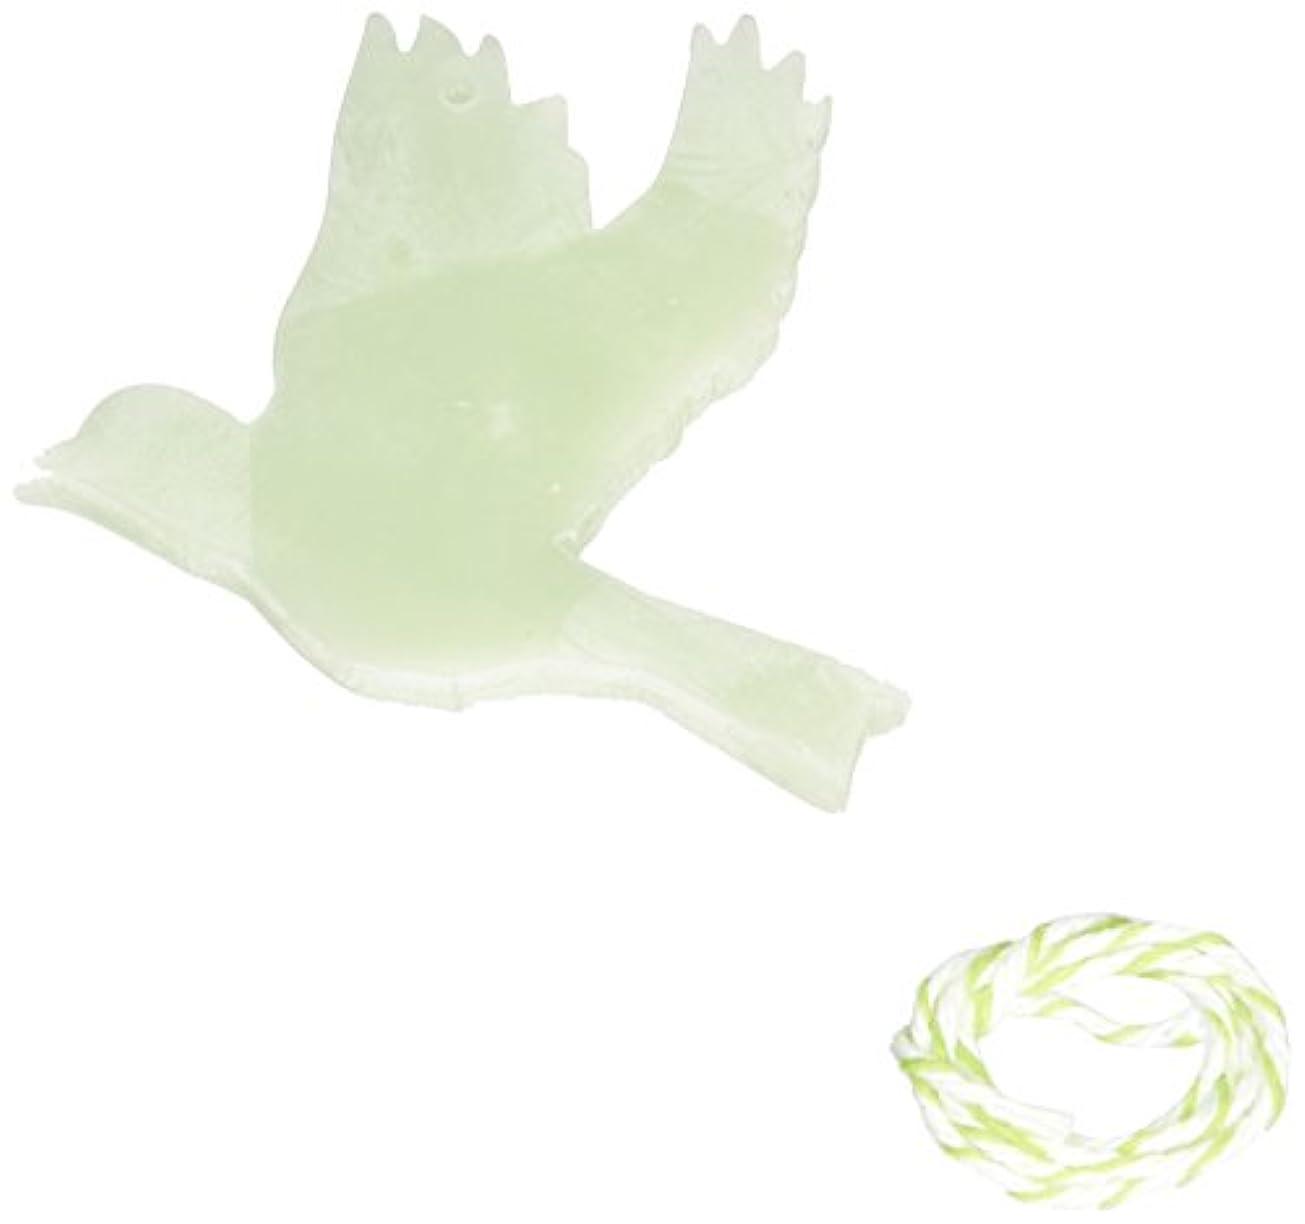 高揚した反応する何GRASSE TOKYO AROMATICWAXチャーム「ハト」(GR) レモングラス アロマティックワックス グラーストウキョウ